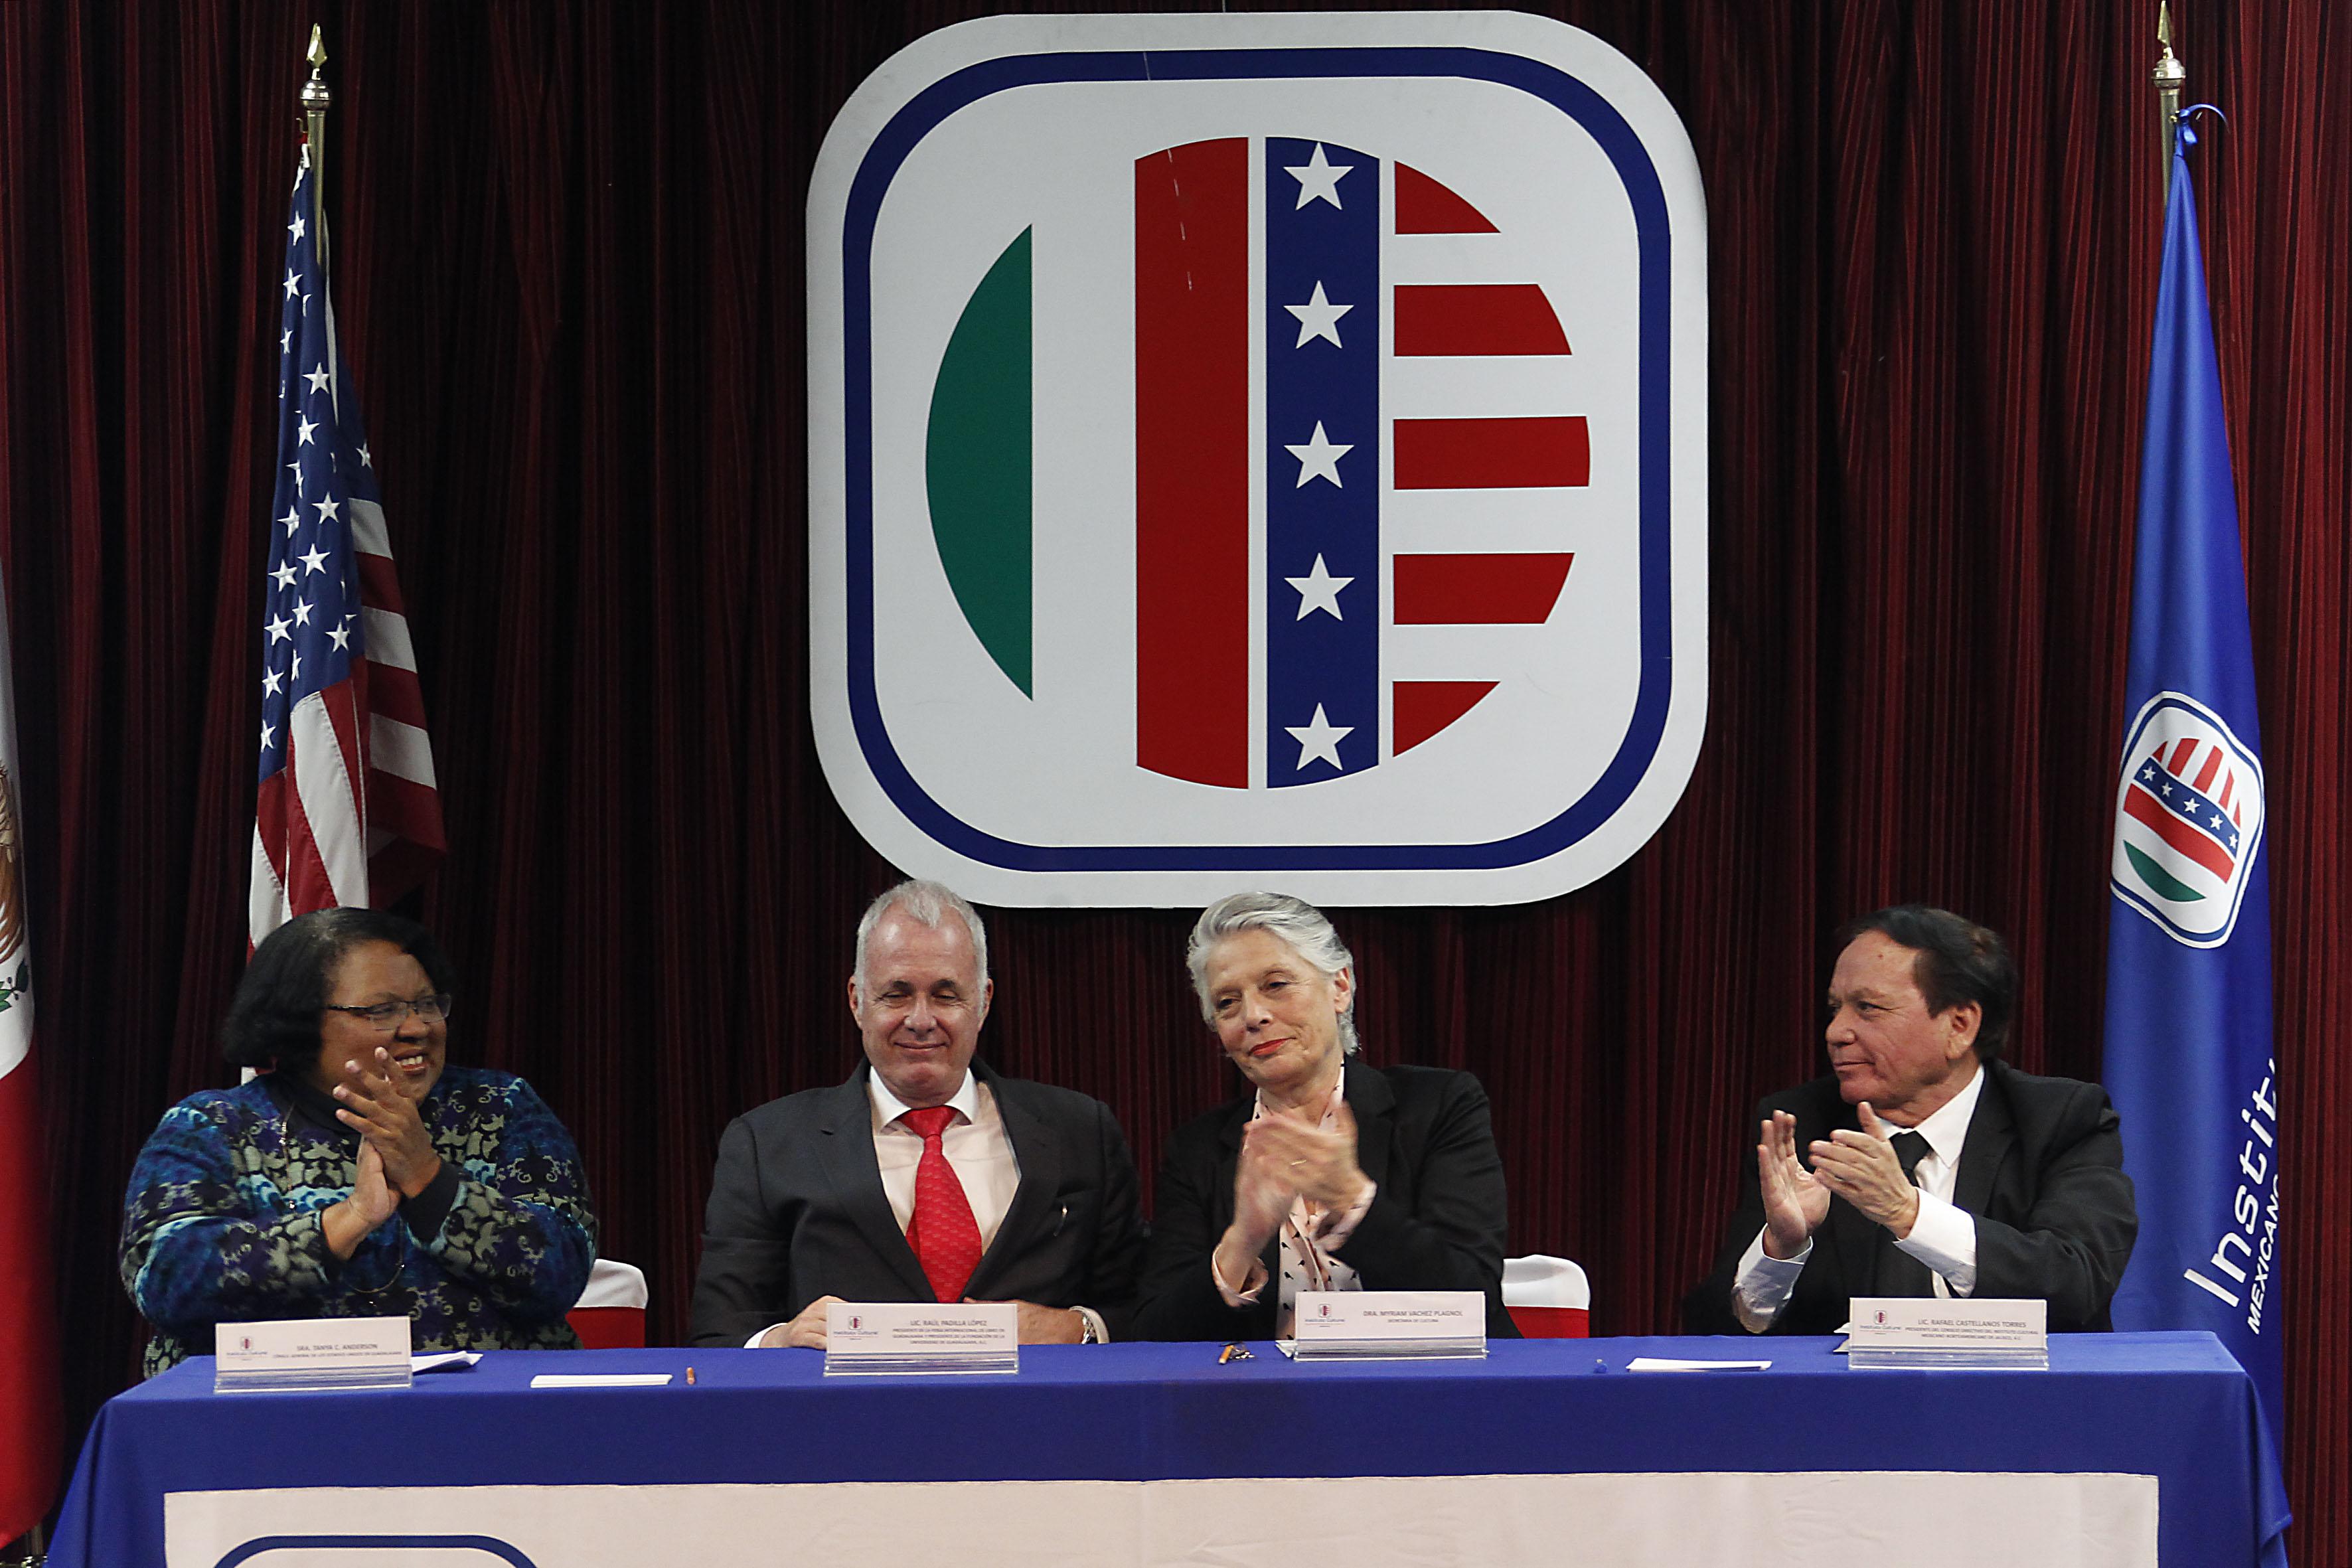 Consul de los Estados Unidos en Guadalajara, funcionaria de la Secretaría de Cultura y Presidentes del Instituto  Cultural Mexicano Norteamericano de Jalisco, AC. como miembros participantes en la ceremonia para la entrega de medalla al mérito educativo y cultural al Lic. Raúl Padilla López.